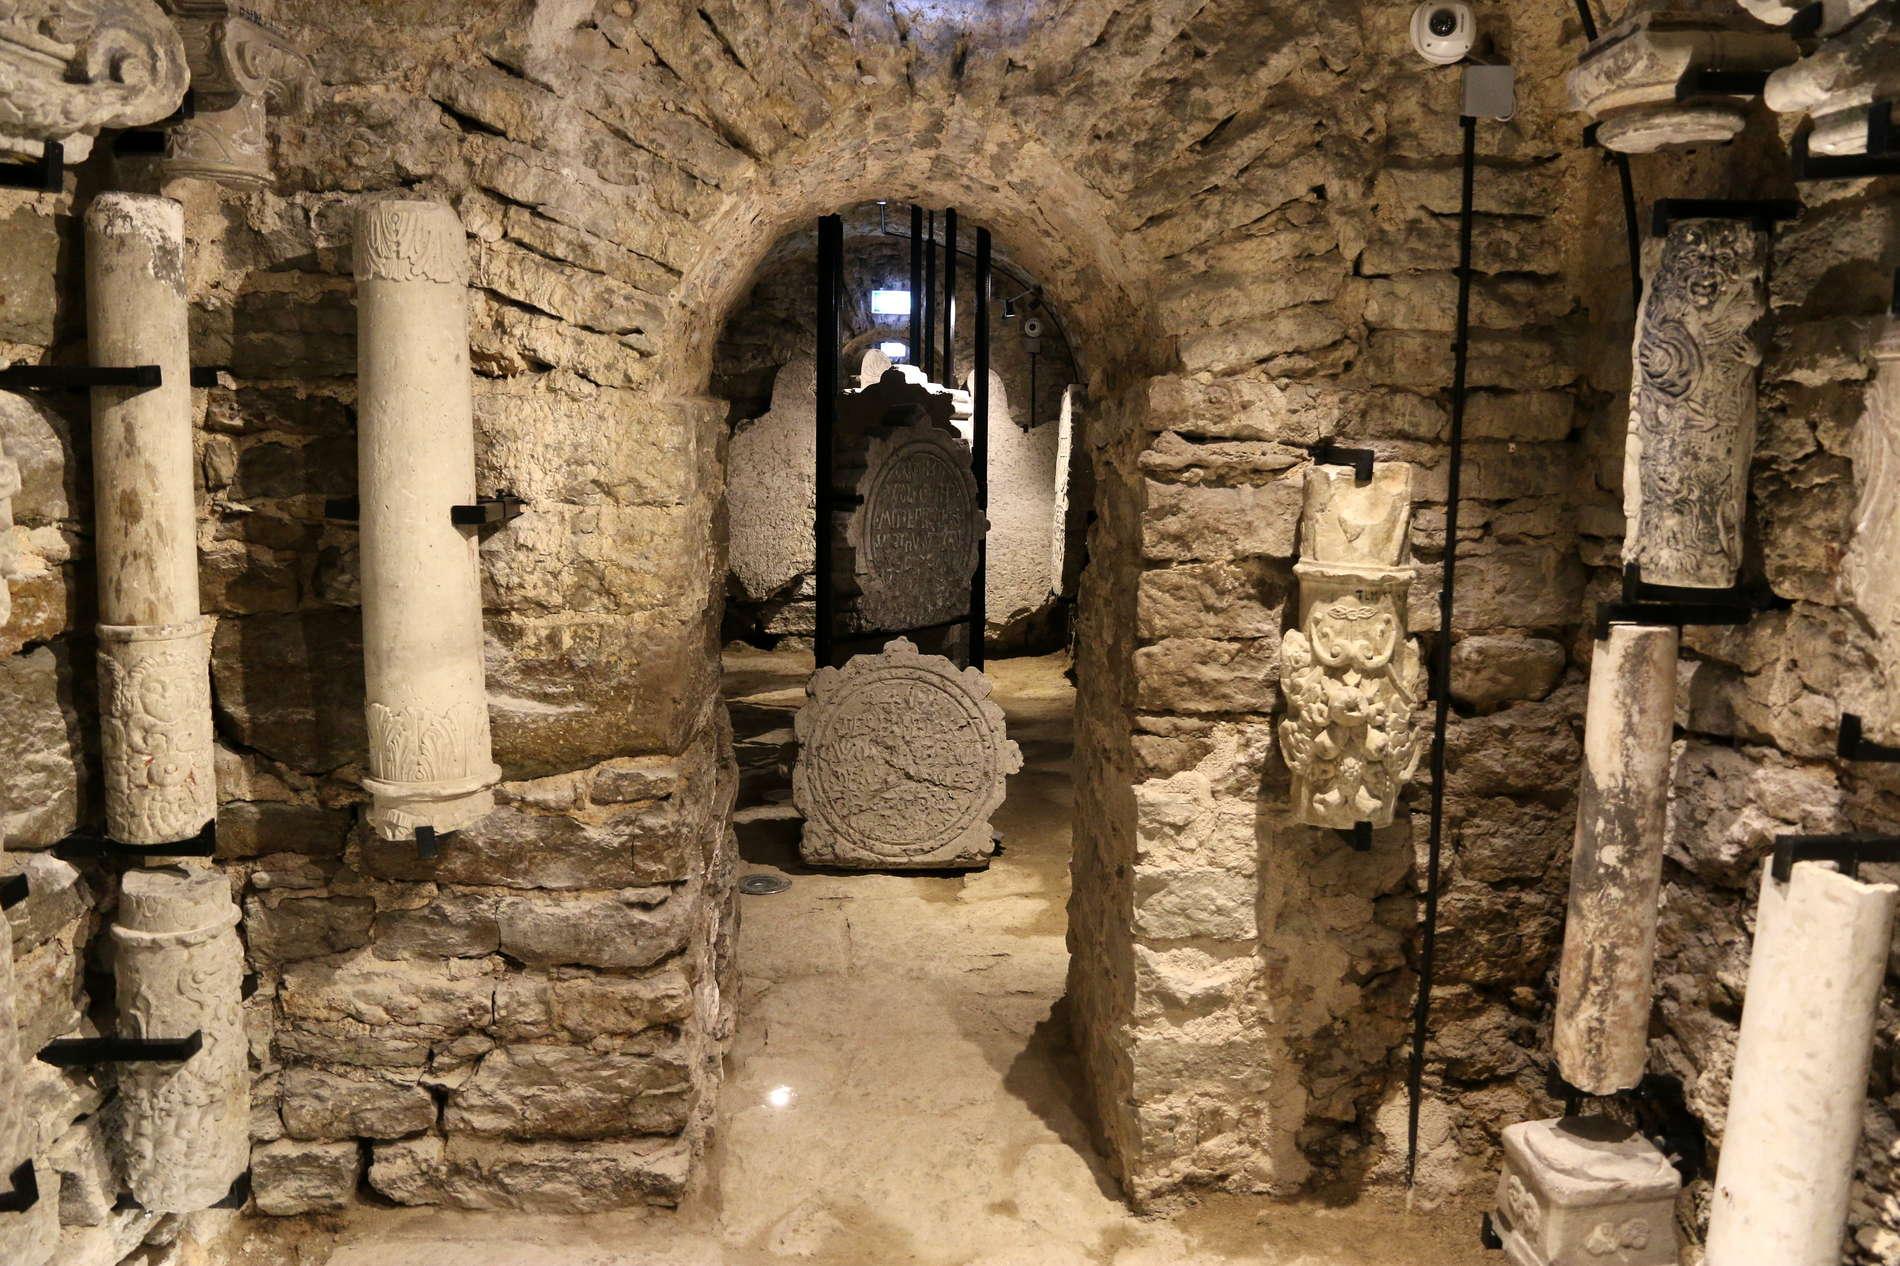 Экспозиционный зал Музея резного камня в подземных  ходах бастионов, Кик ин де Кёк и защитные сооружения, Старый город, Таллинн, Эстония